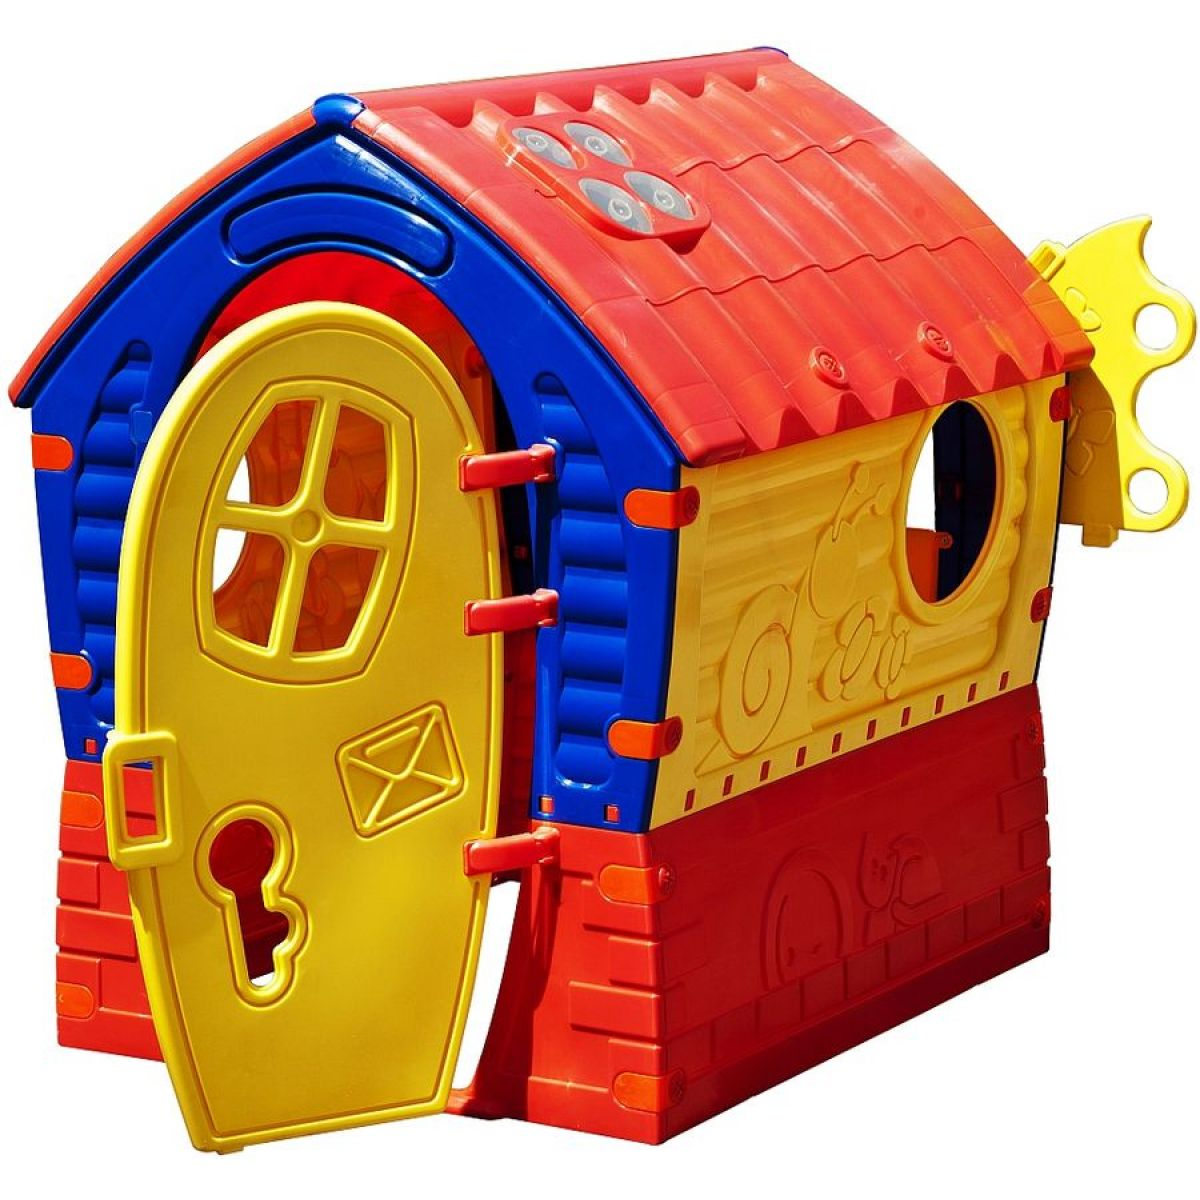 Marian Plast Domeček Dream House - červeno-žlutý